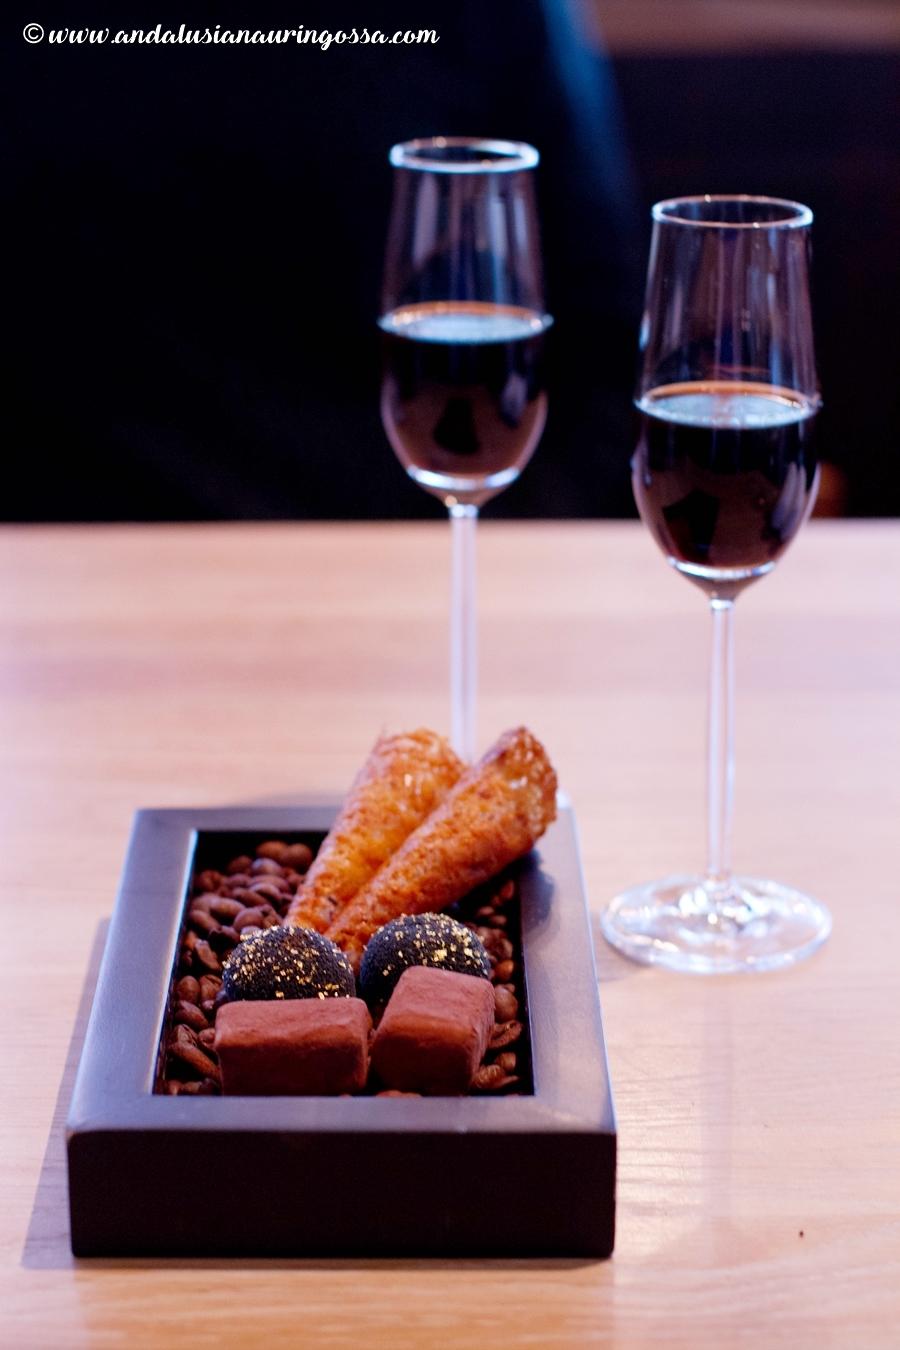 Noa_Tallinna_Tallinnan parhaat ravintolat_Andalusian auringossa_ruokablogi_matkablogi_16